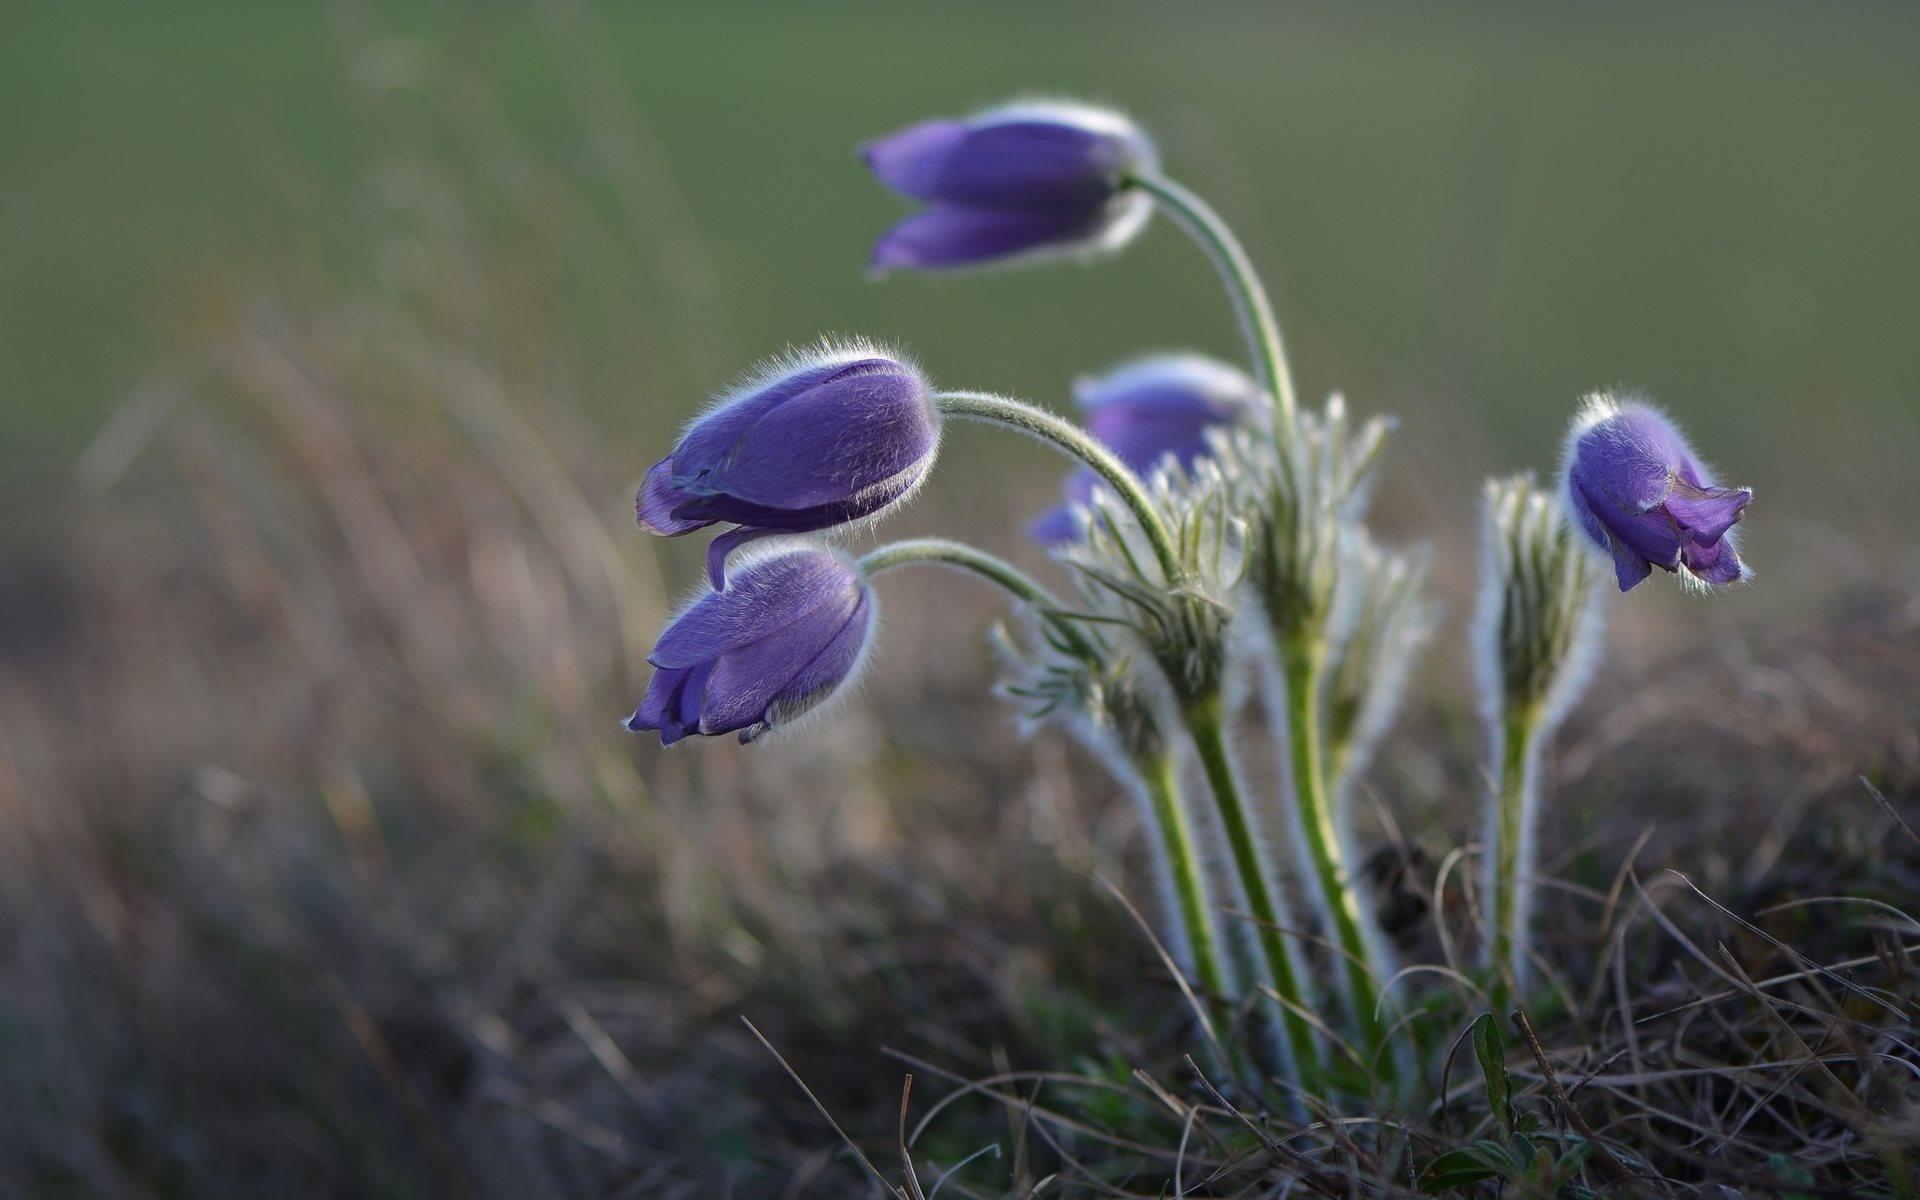 Image: Sleep-grass, Pasqueflower, flowers, field, plant, nature, macro, blurring